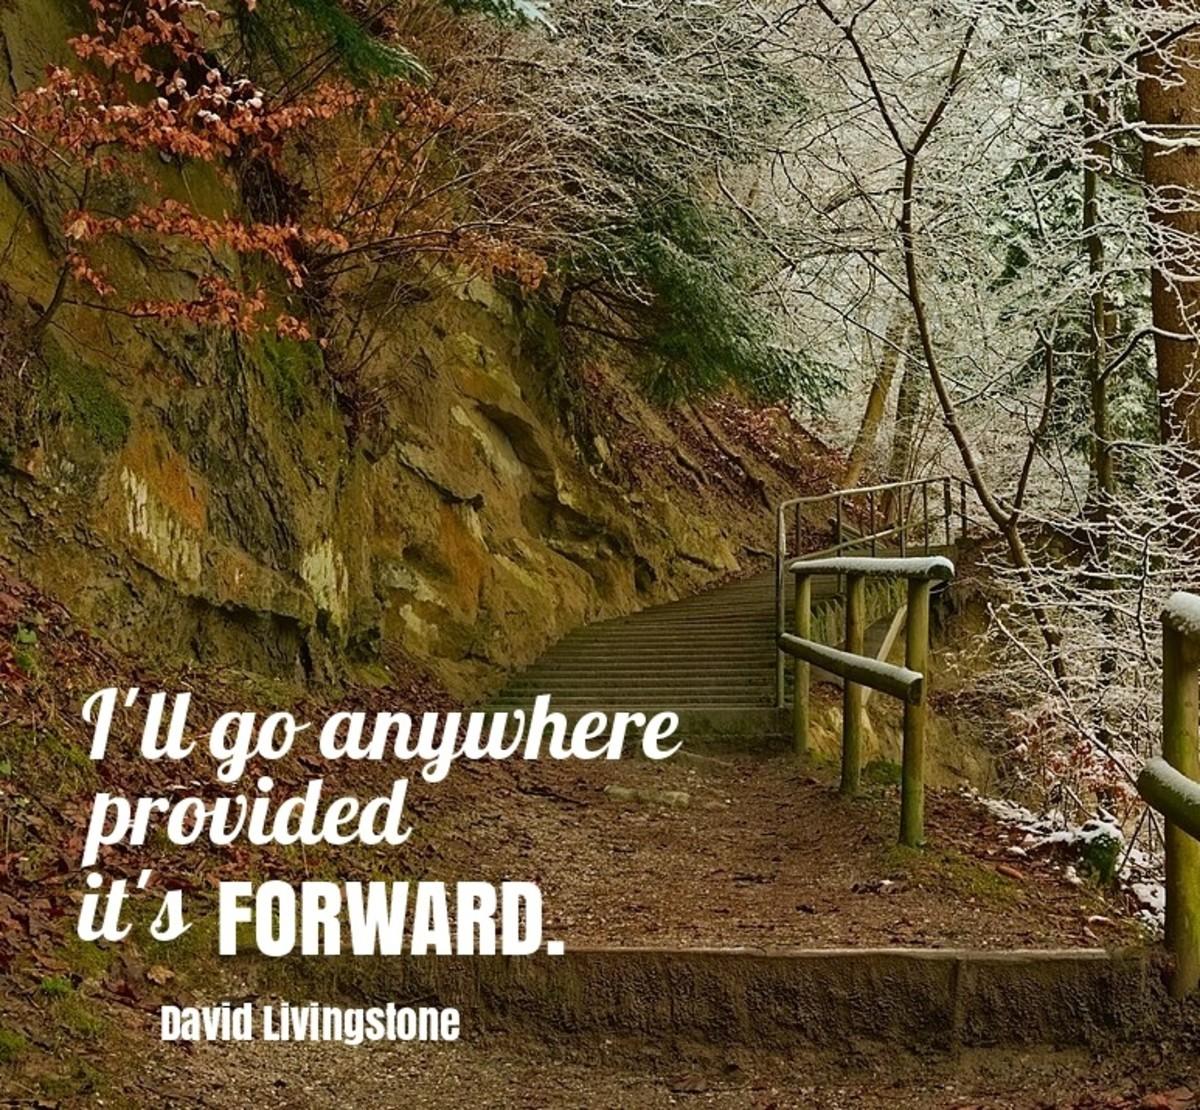 I will go anywhere provided it's forward. –David Livingstone